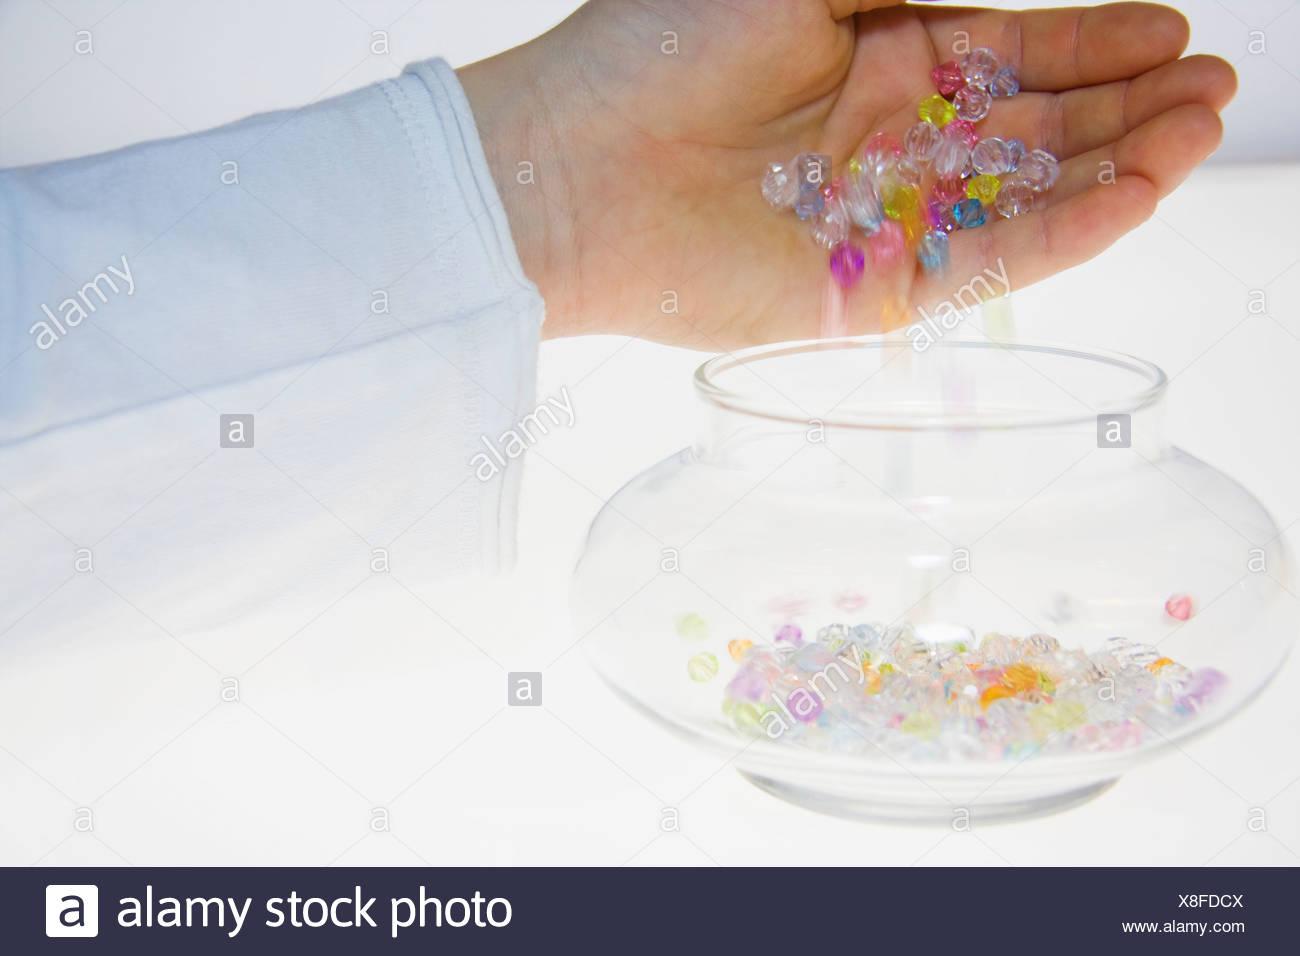 Eine Person, die bunte Perlen in ein Glas gießen Stockfoto